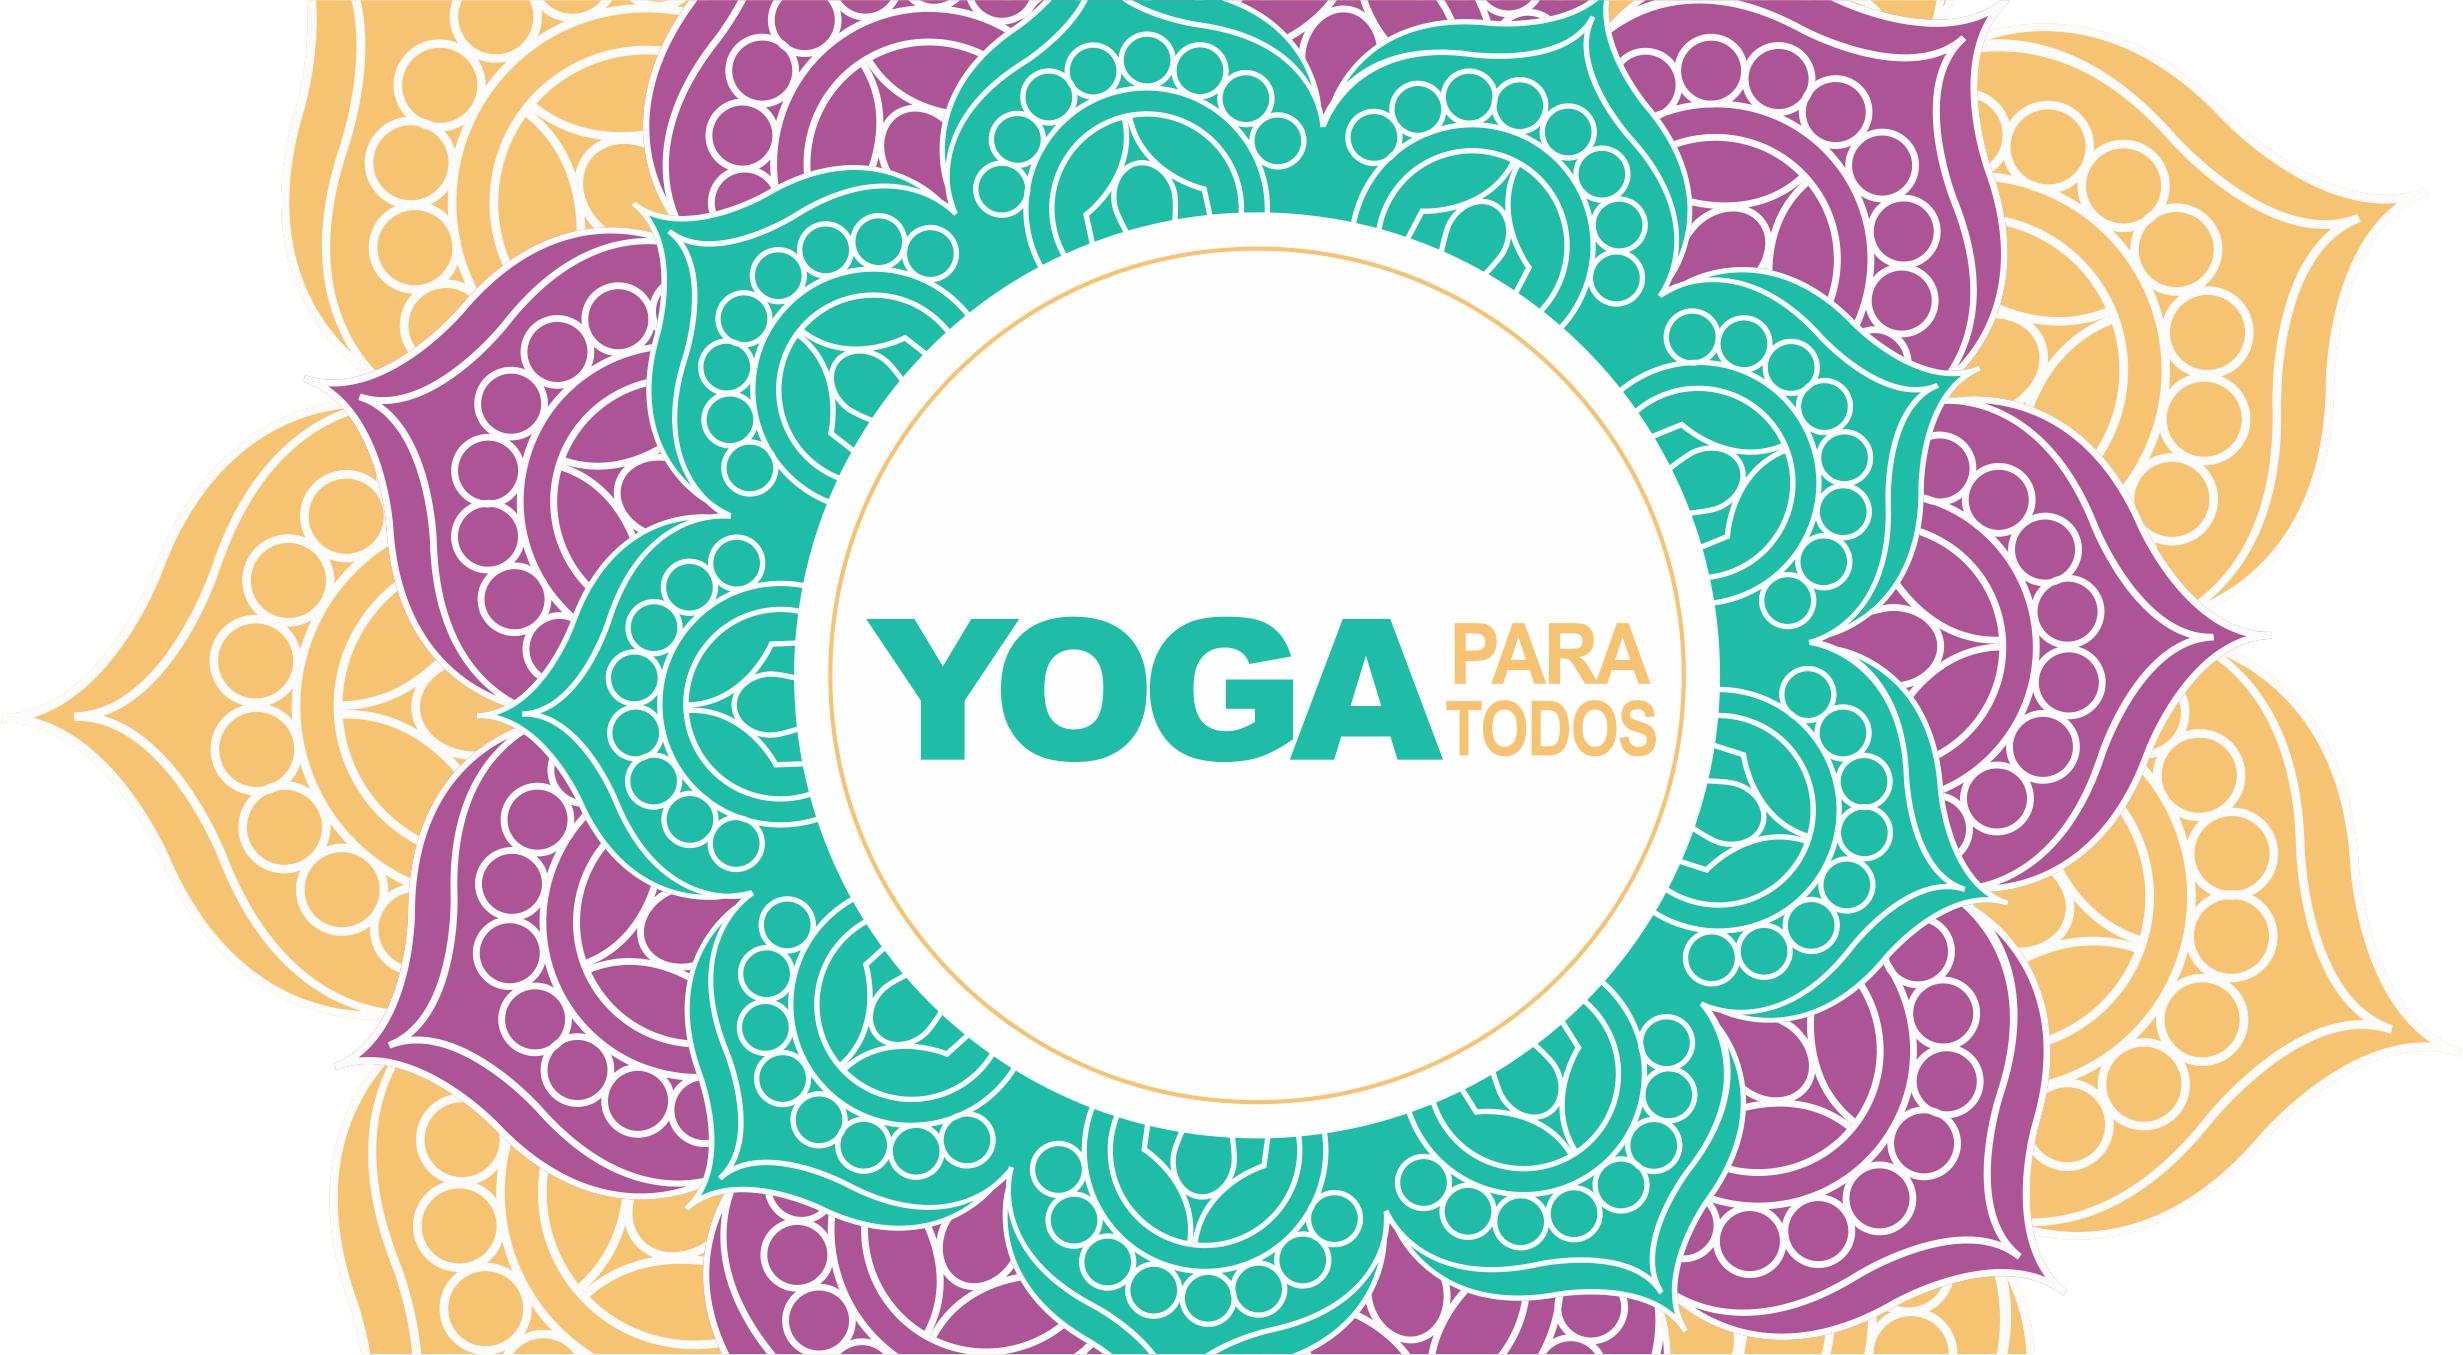 Yoga Para Todos - Quero Harmonia